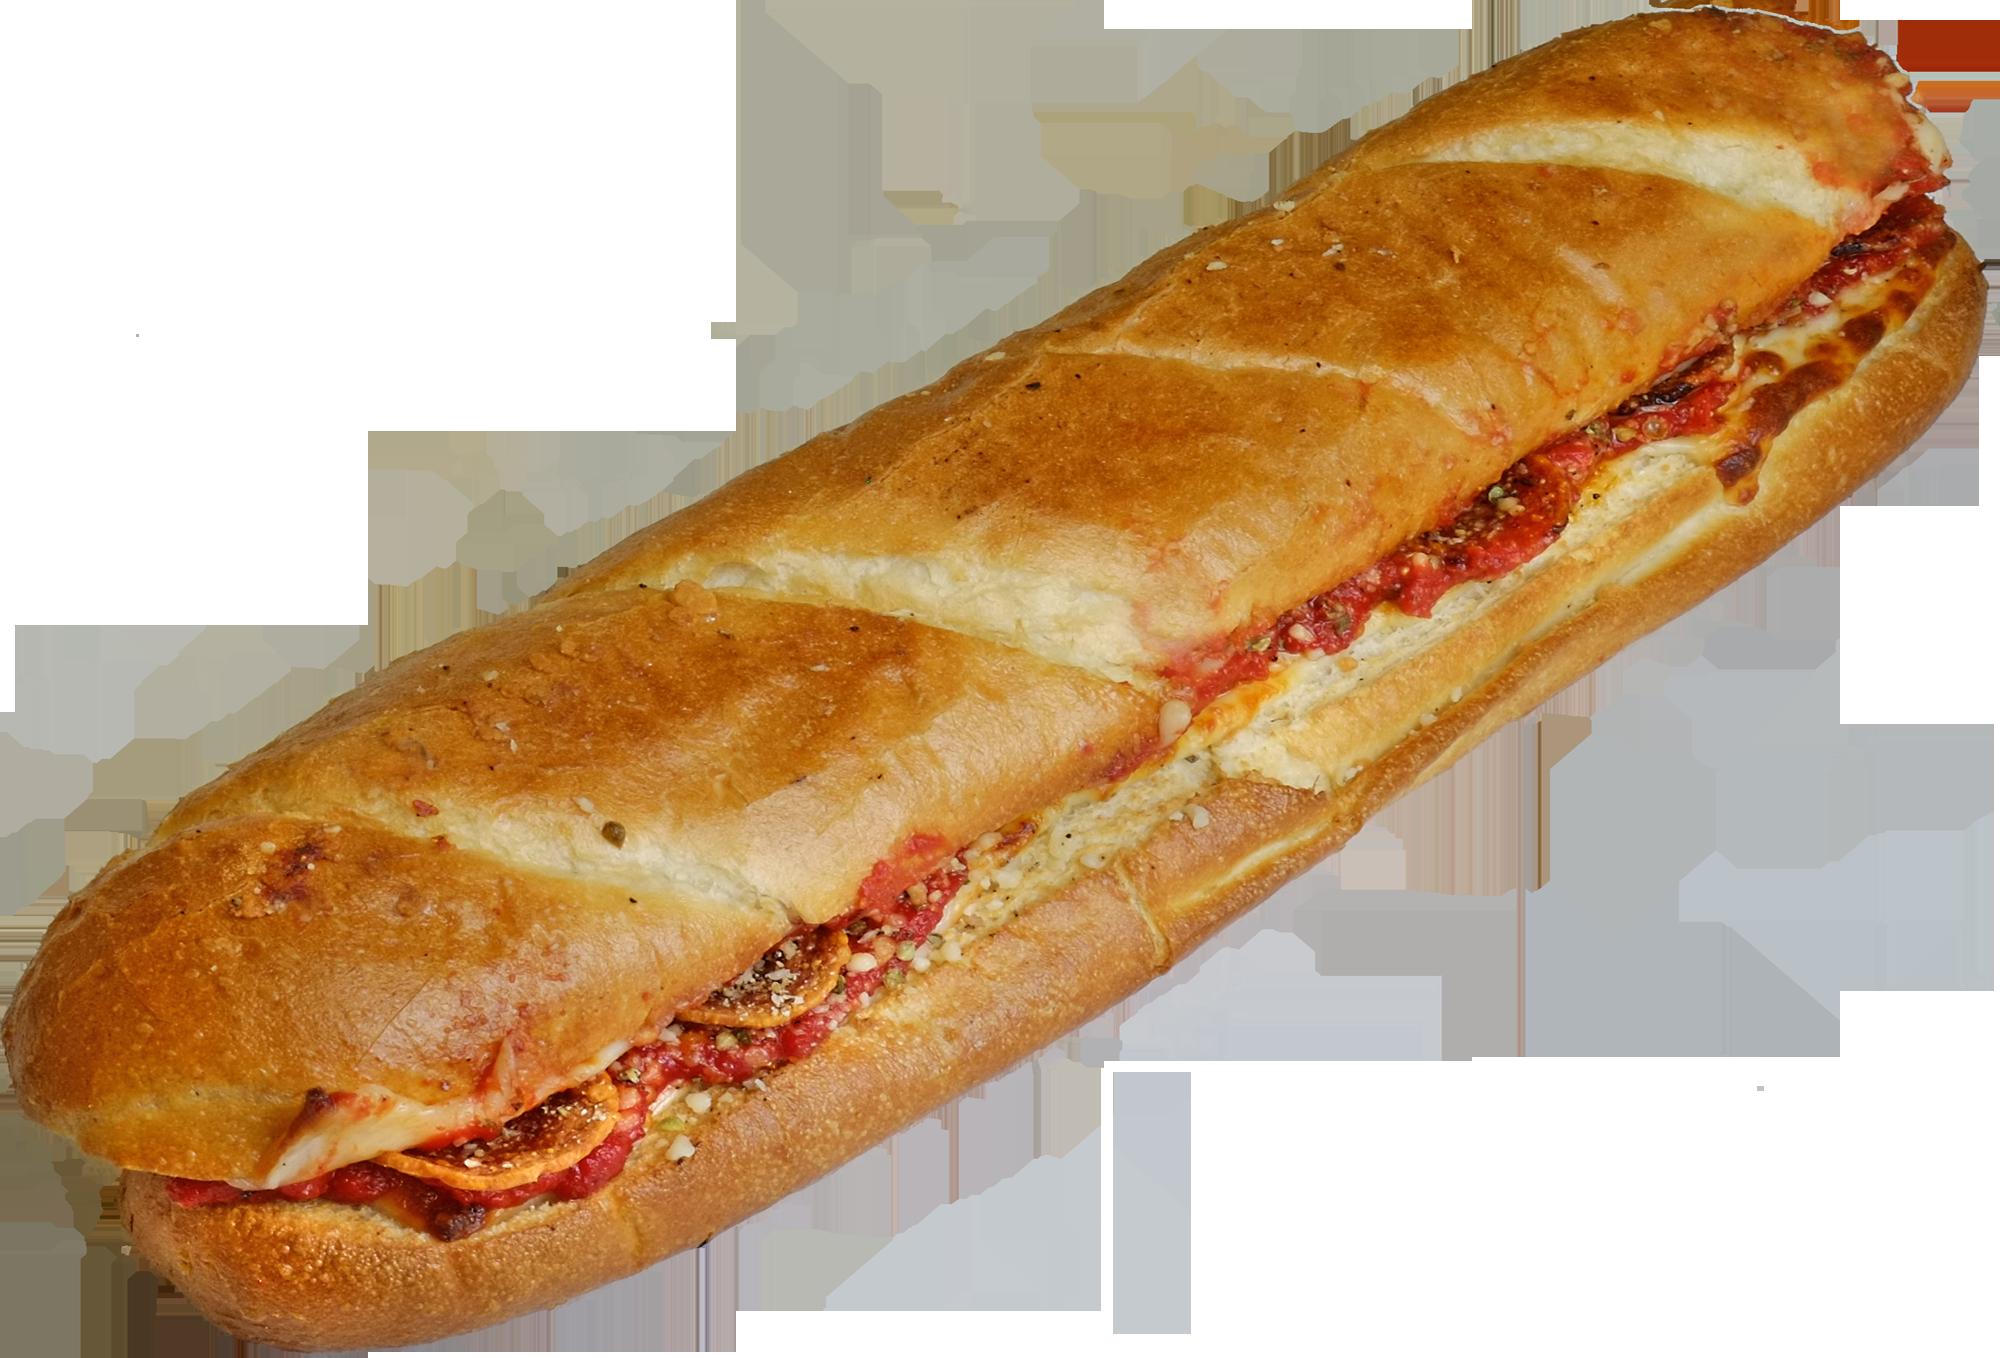 12 Inch Pizza Sub